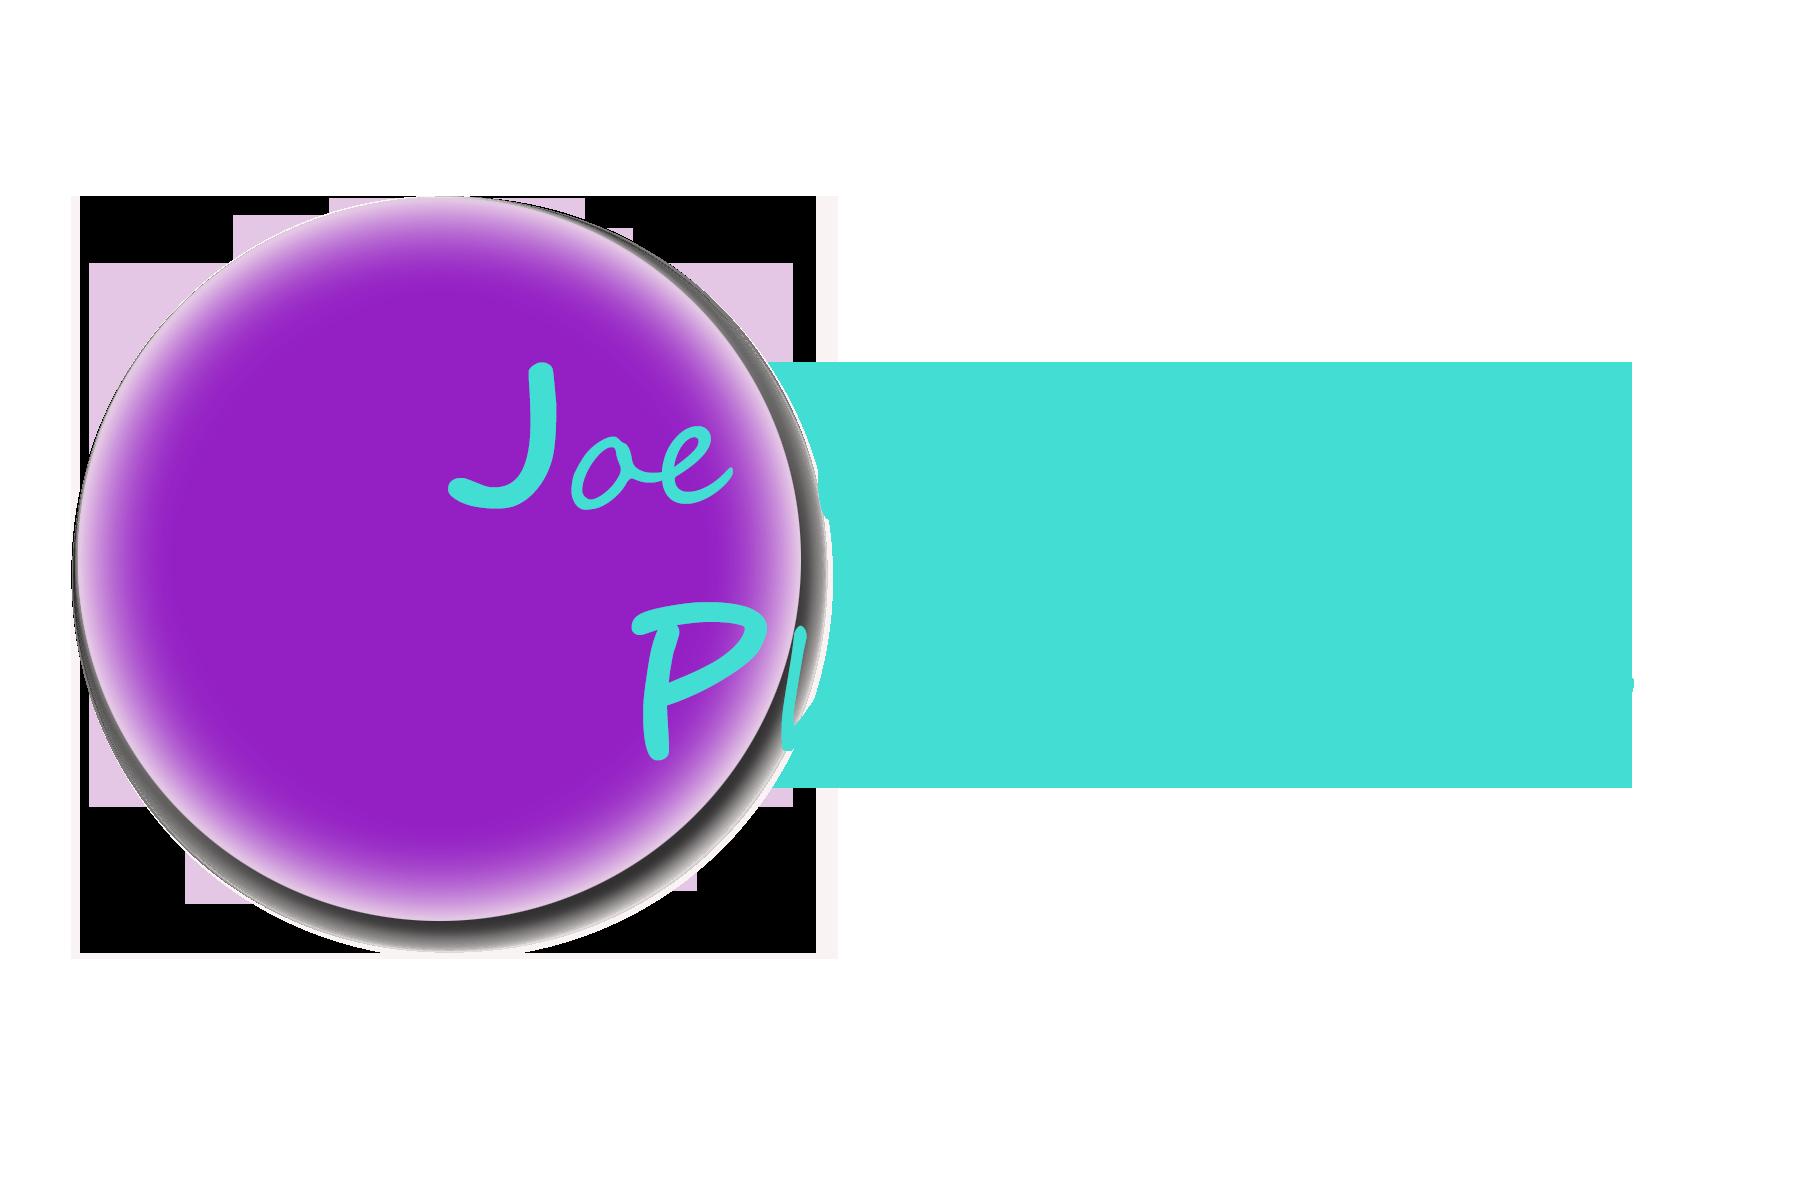 Joe Pearl